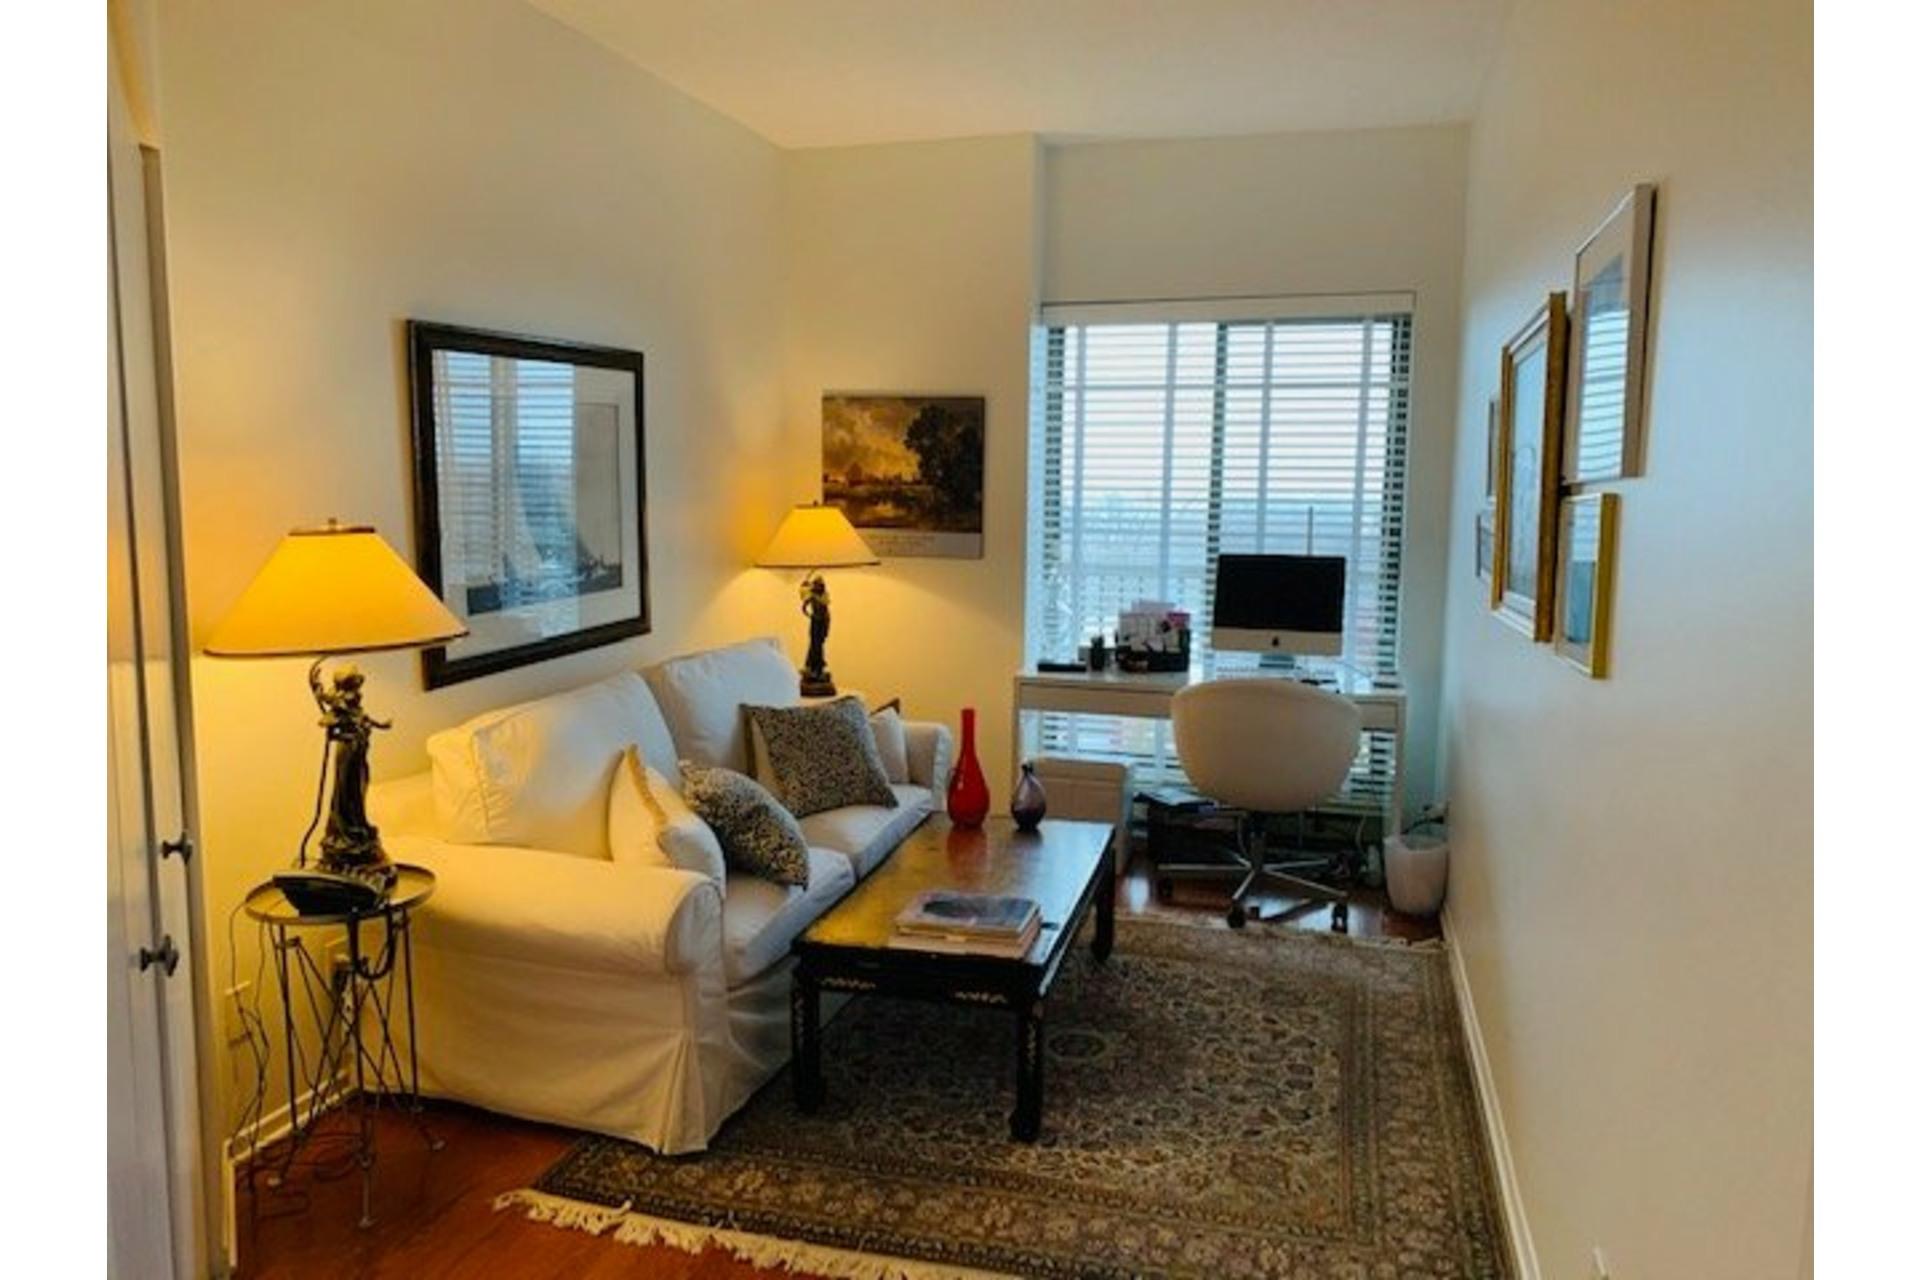 image 23 - Apartment For rent Côte-des-Neiges/Notre-Dame-de-Grâce Montréal  - 5 rooms